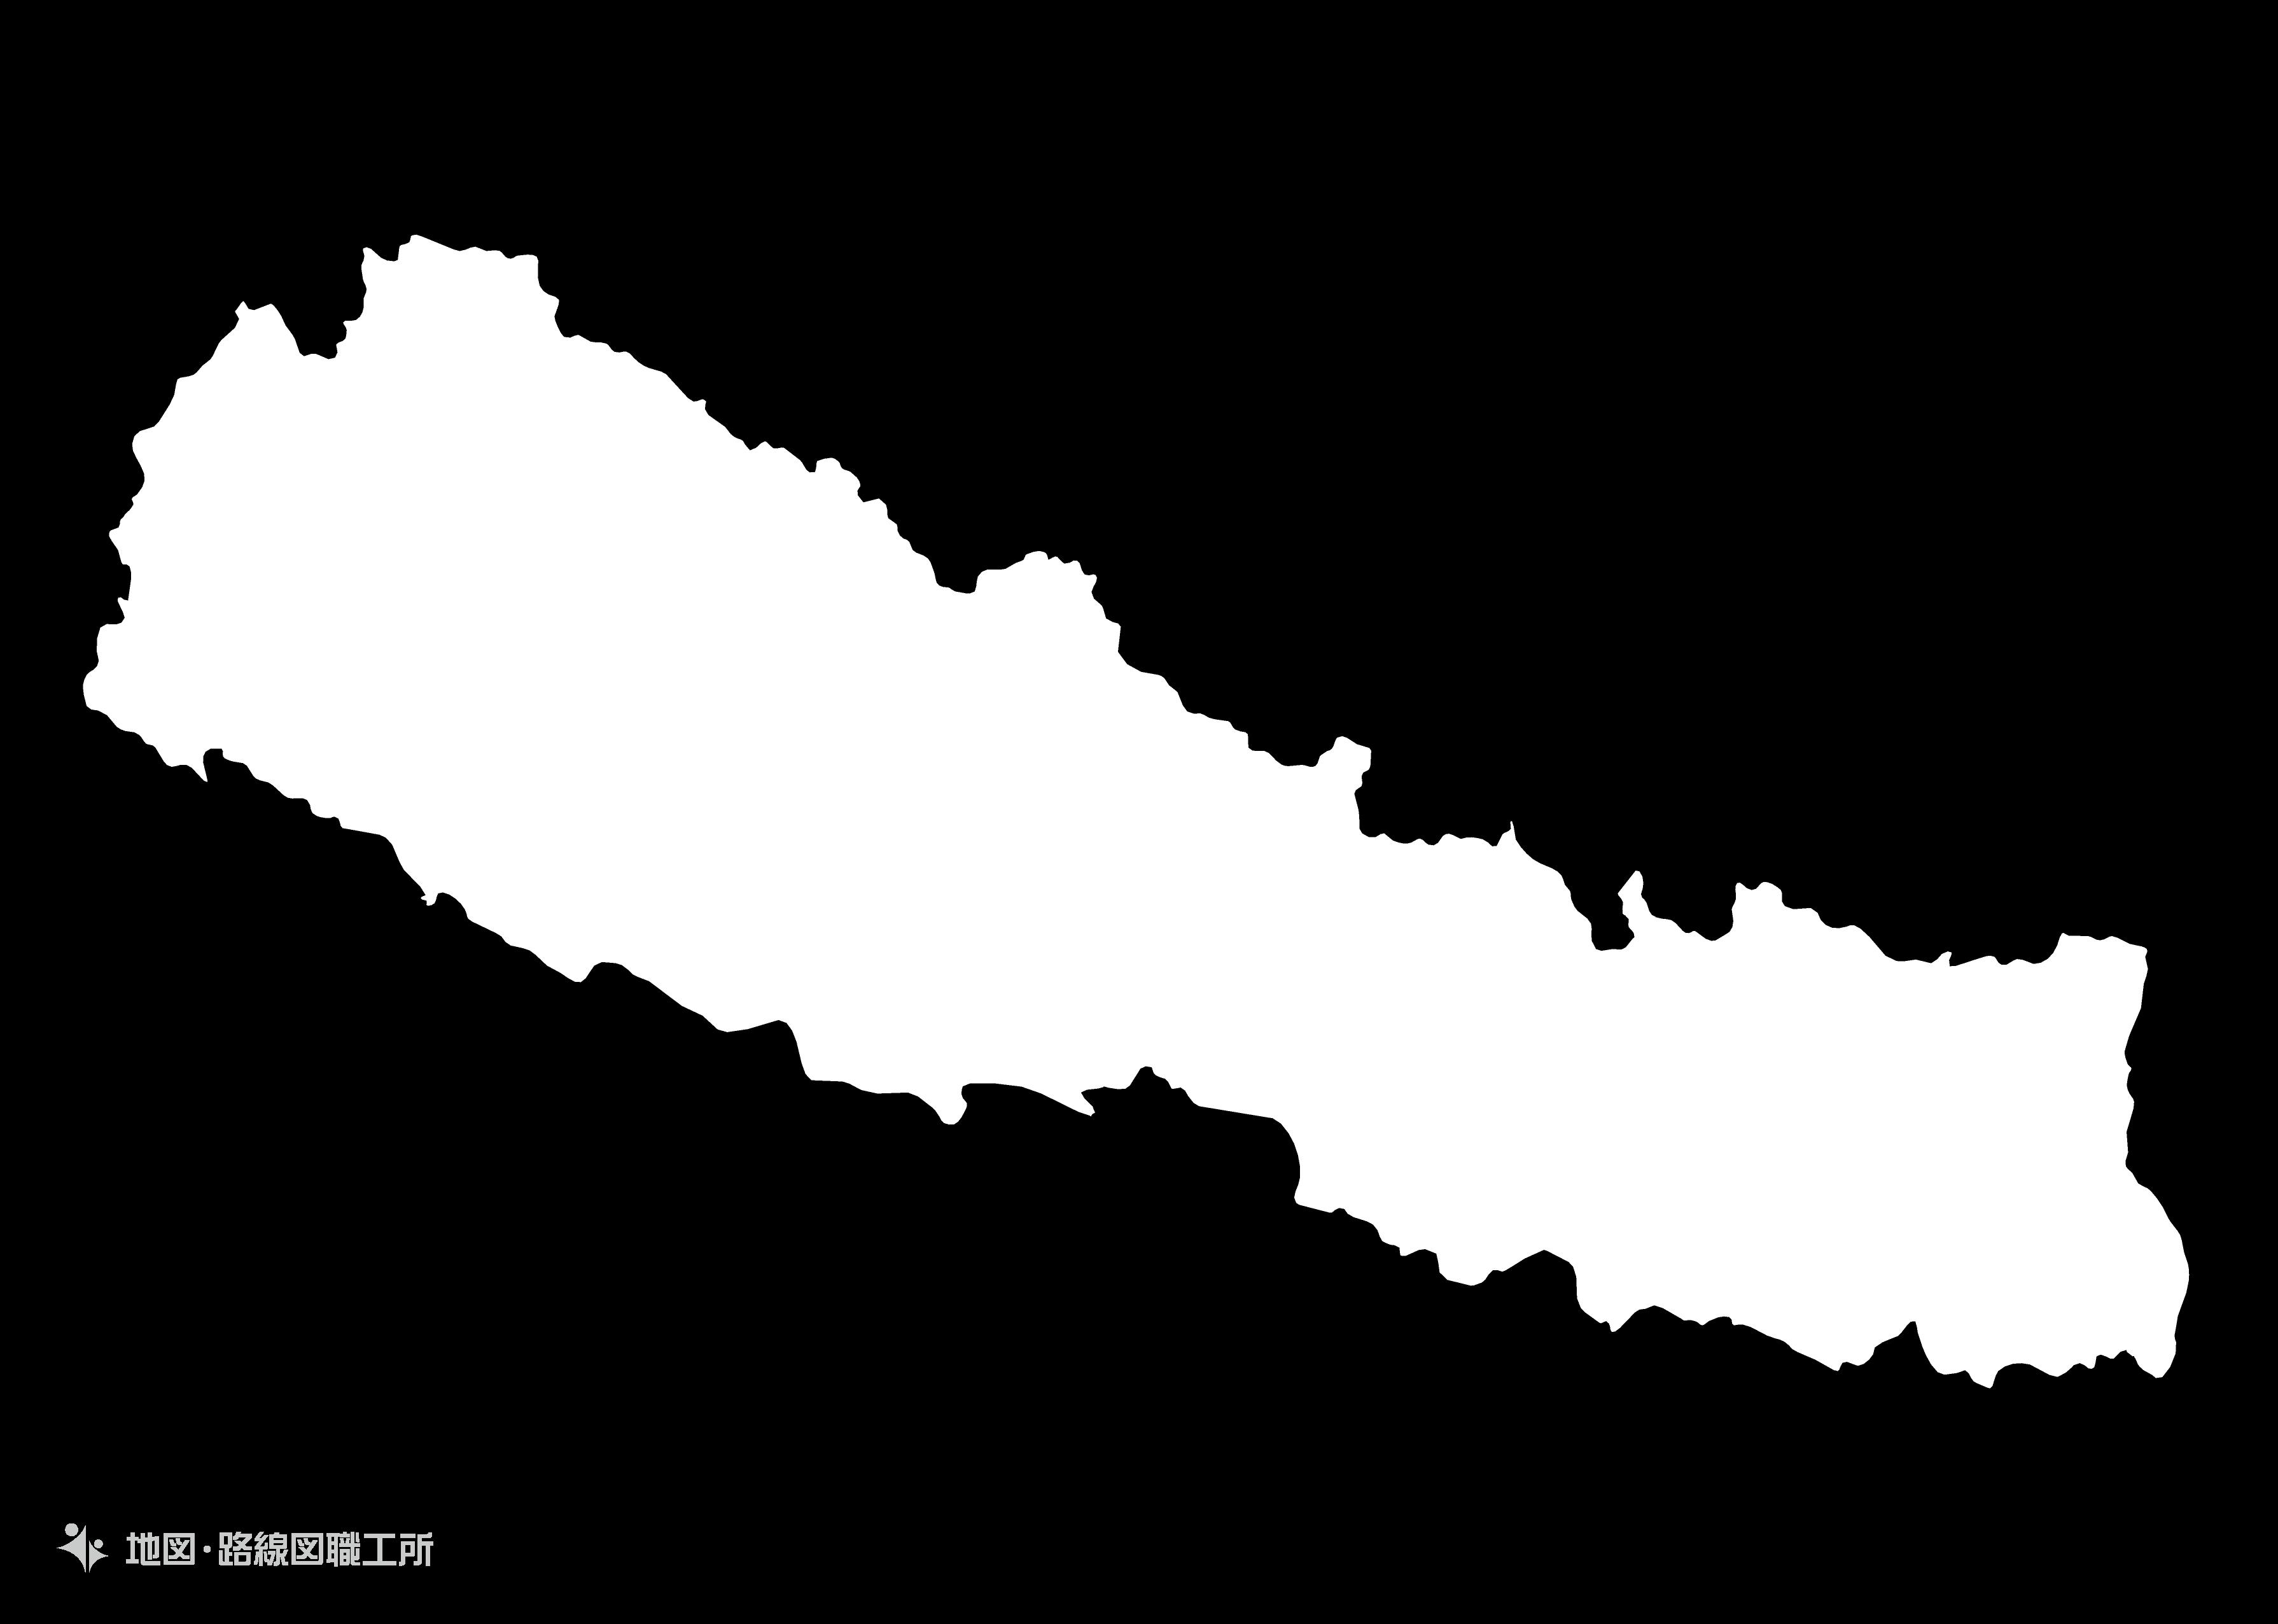 世界の白地図 ネパール連邦民主共和国 federal-democratic-republic-of-nepal map